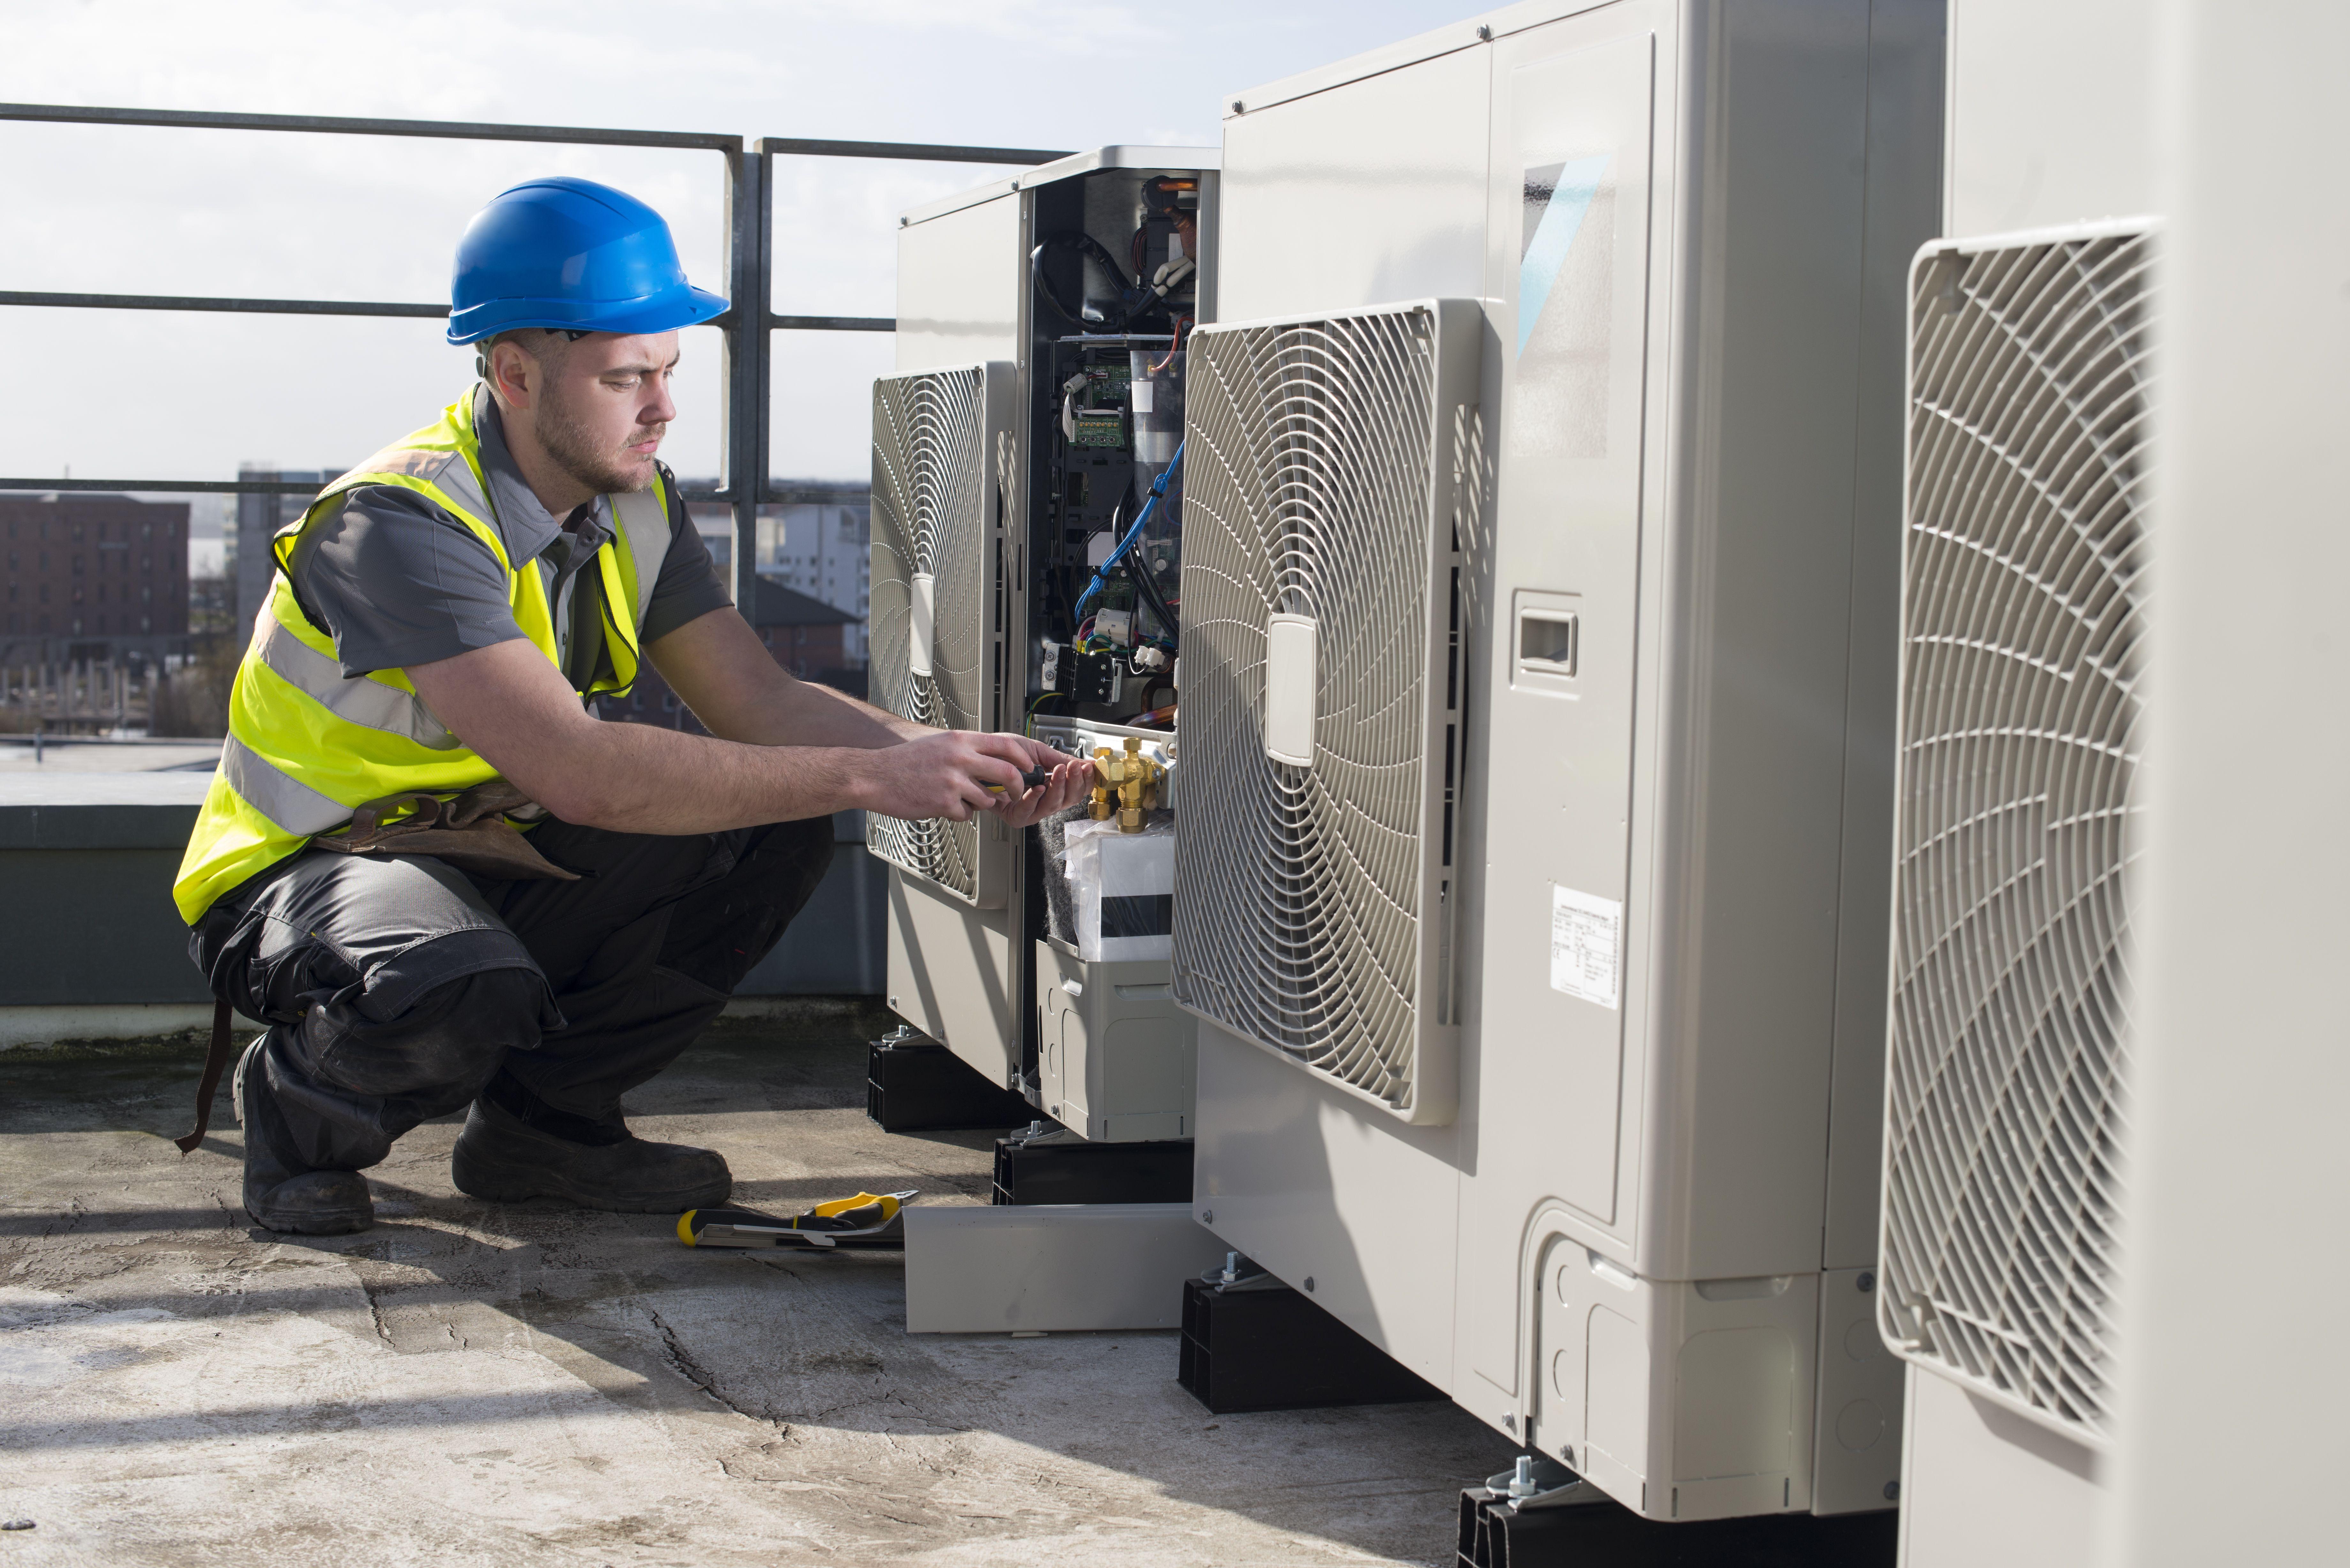 Instalación y mantenimiento de equipos de climatización industrial en Barcelona